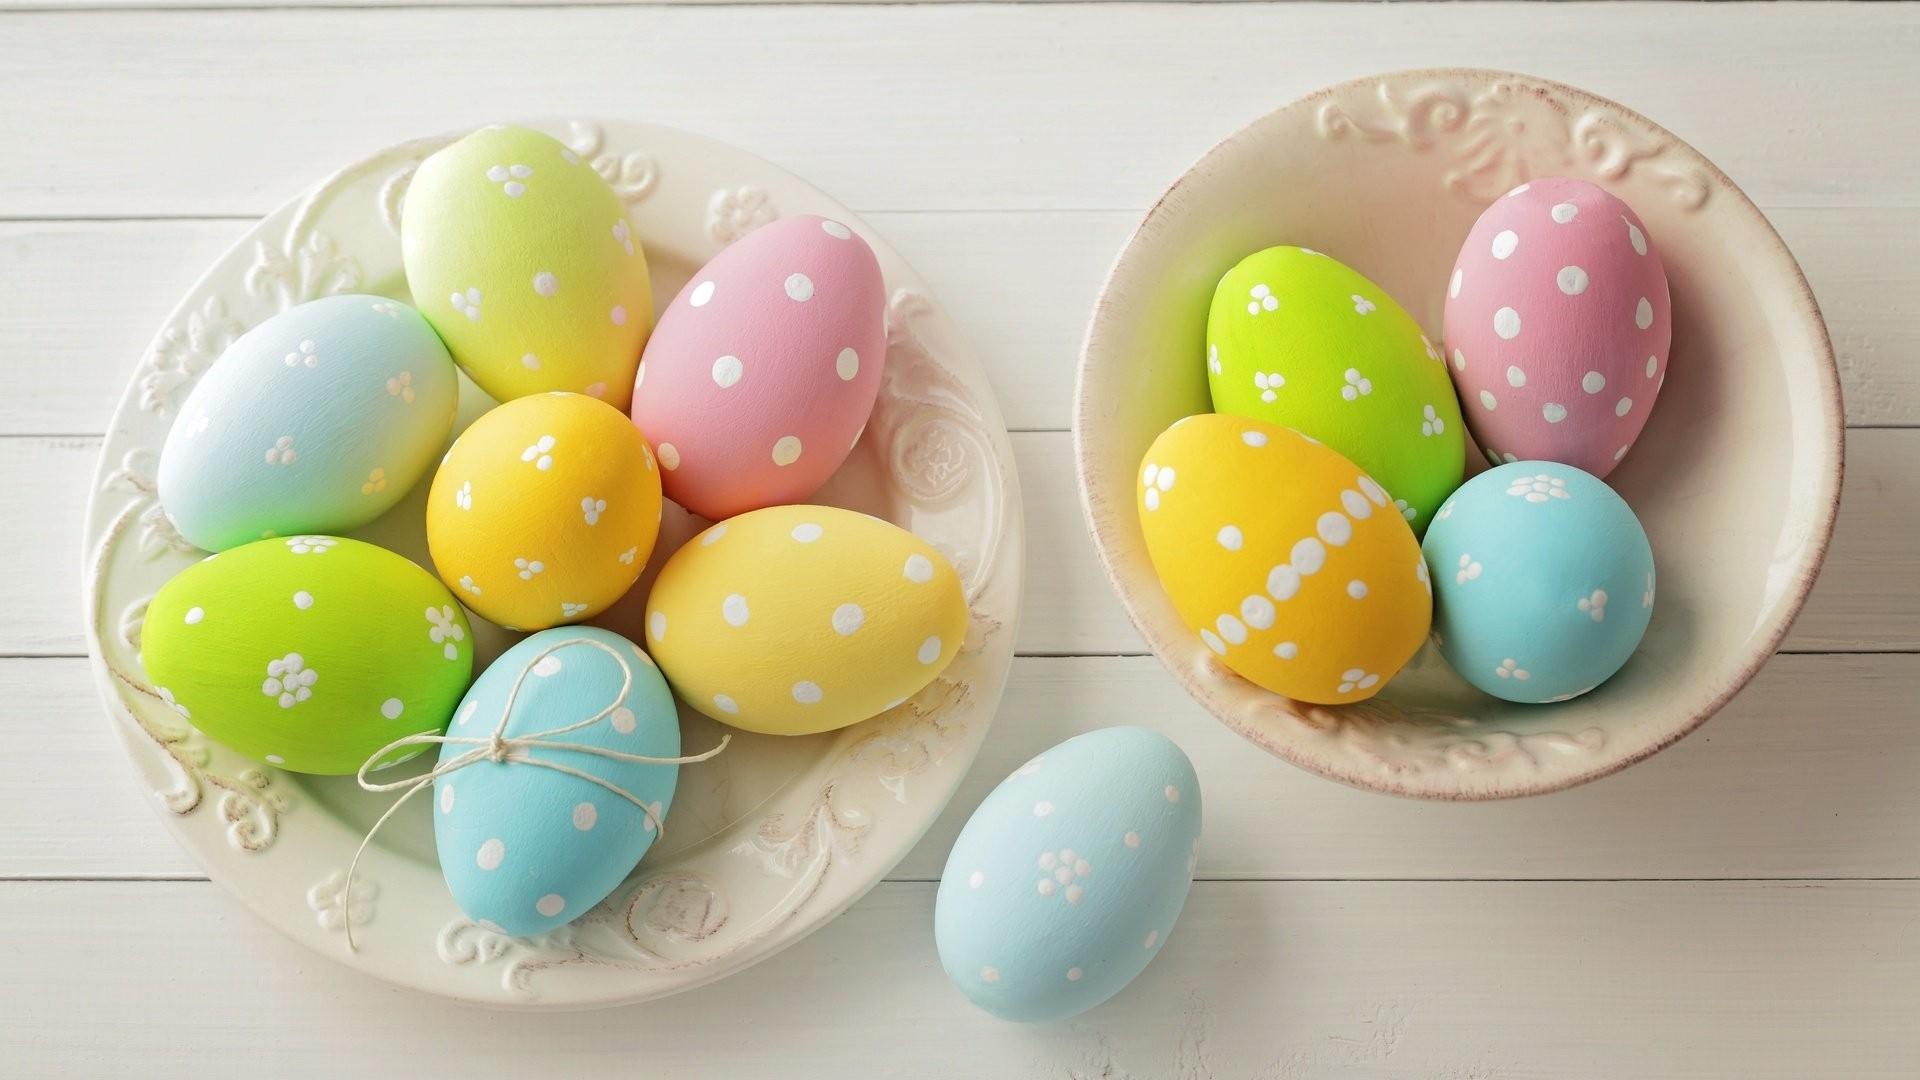 Easter Egg Decoration Free Download